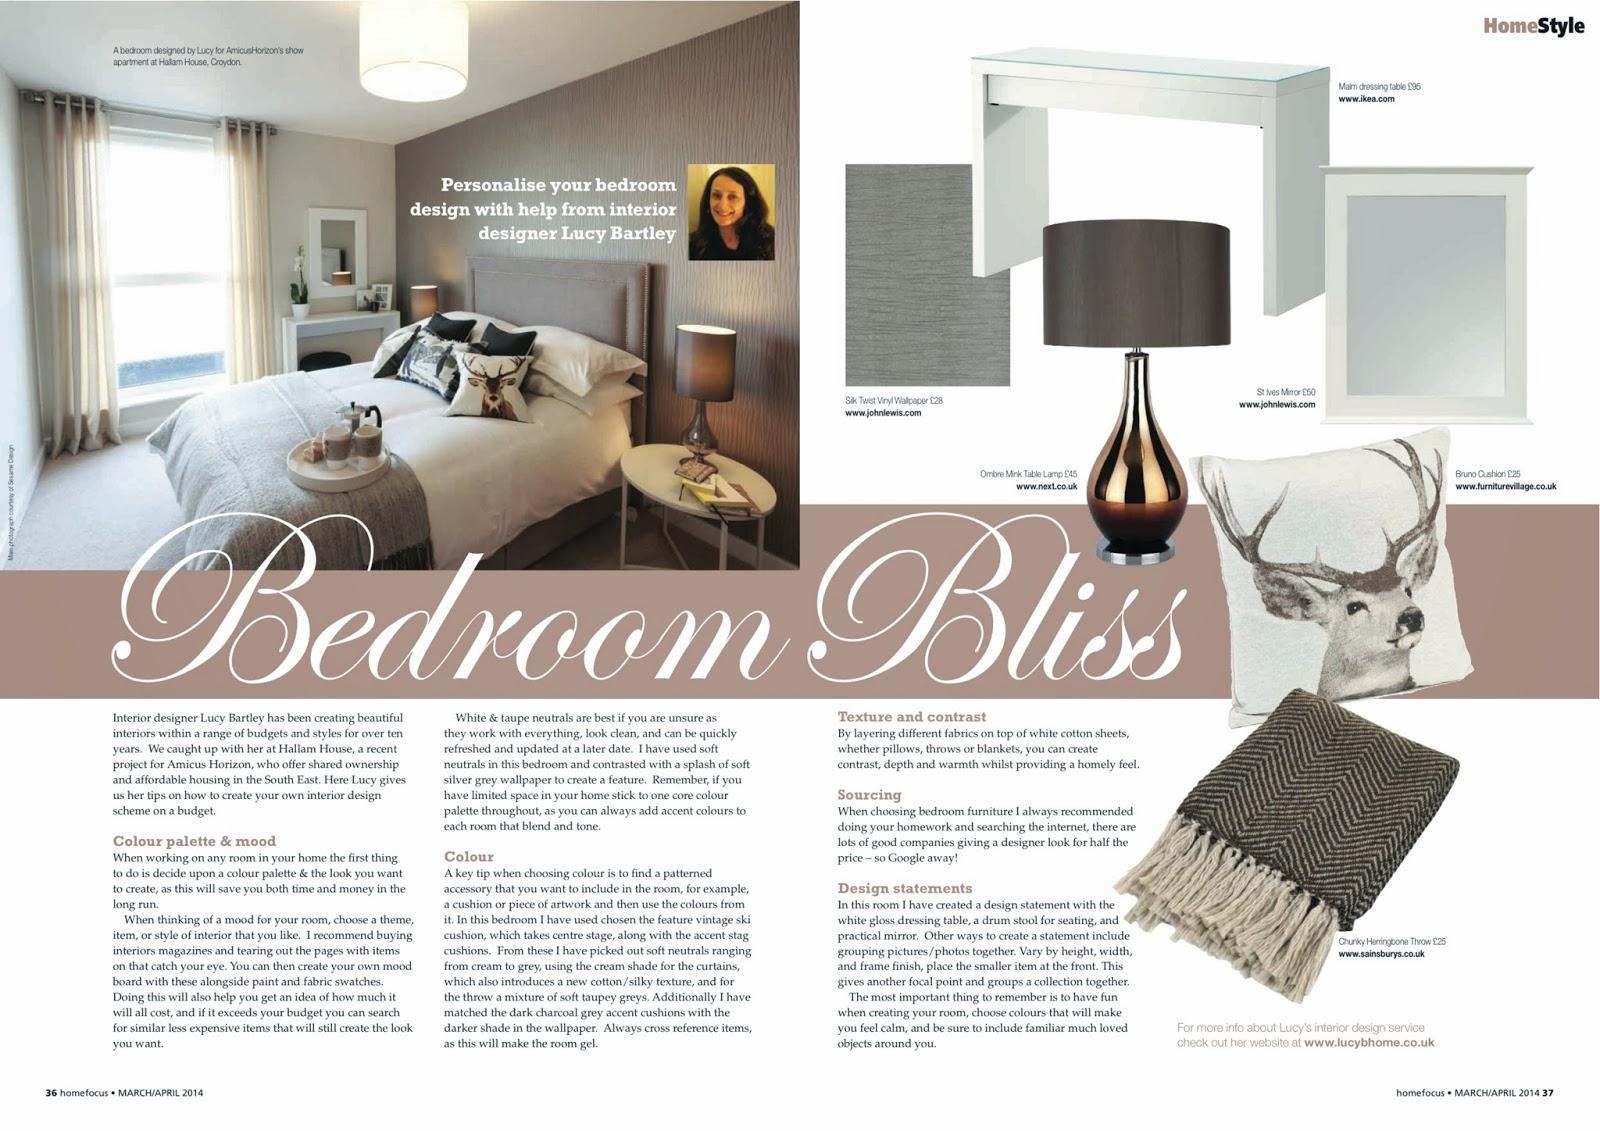 LucyB Interior designer in HomeStyle Magazine